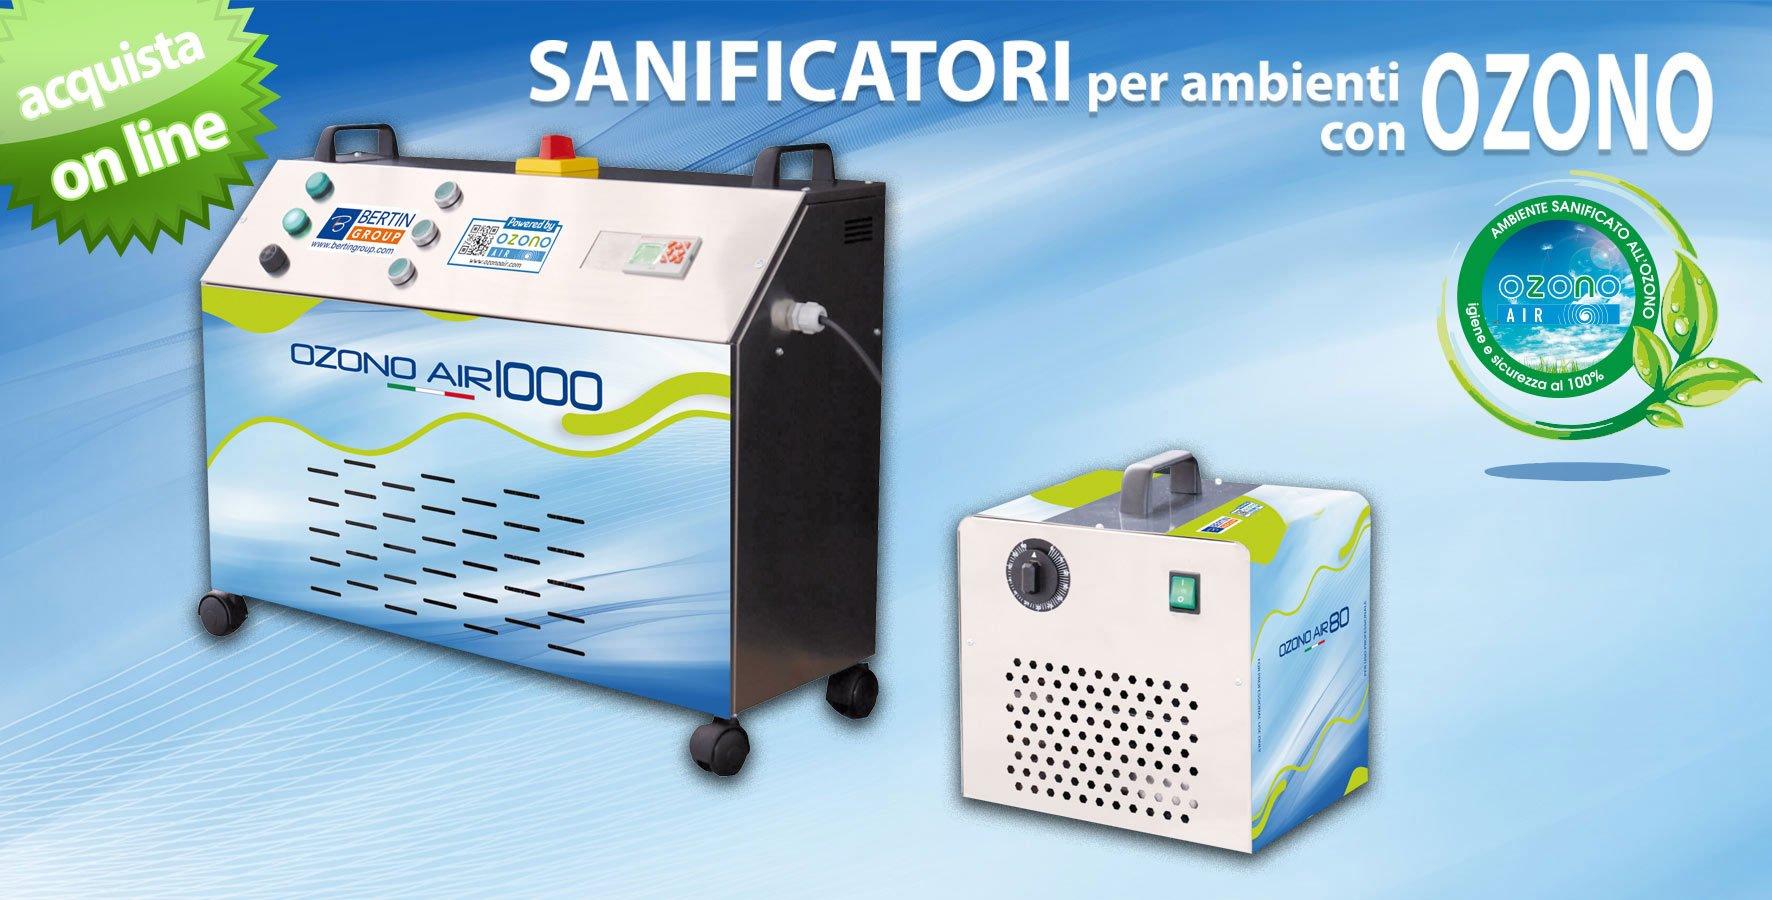 generatori di ozono acquista online